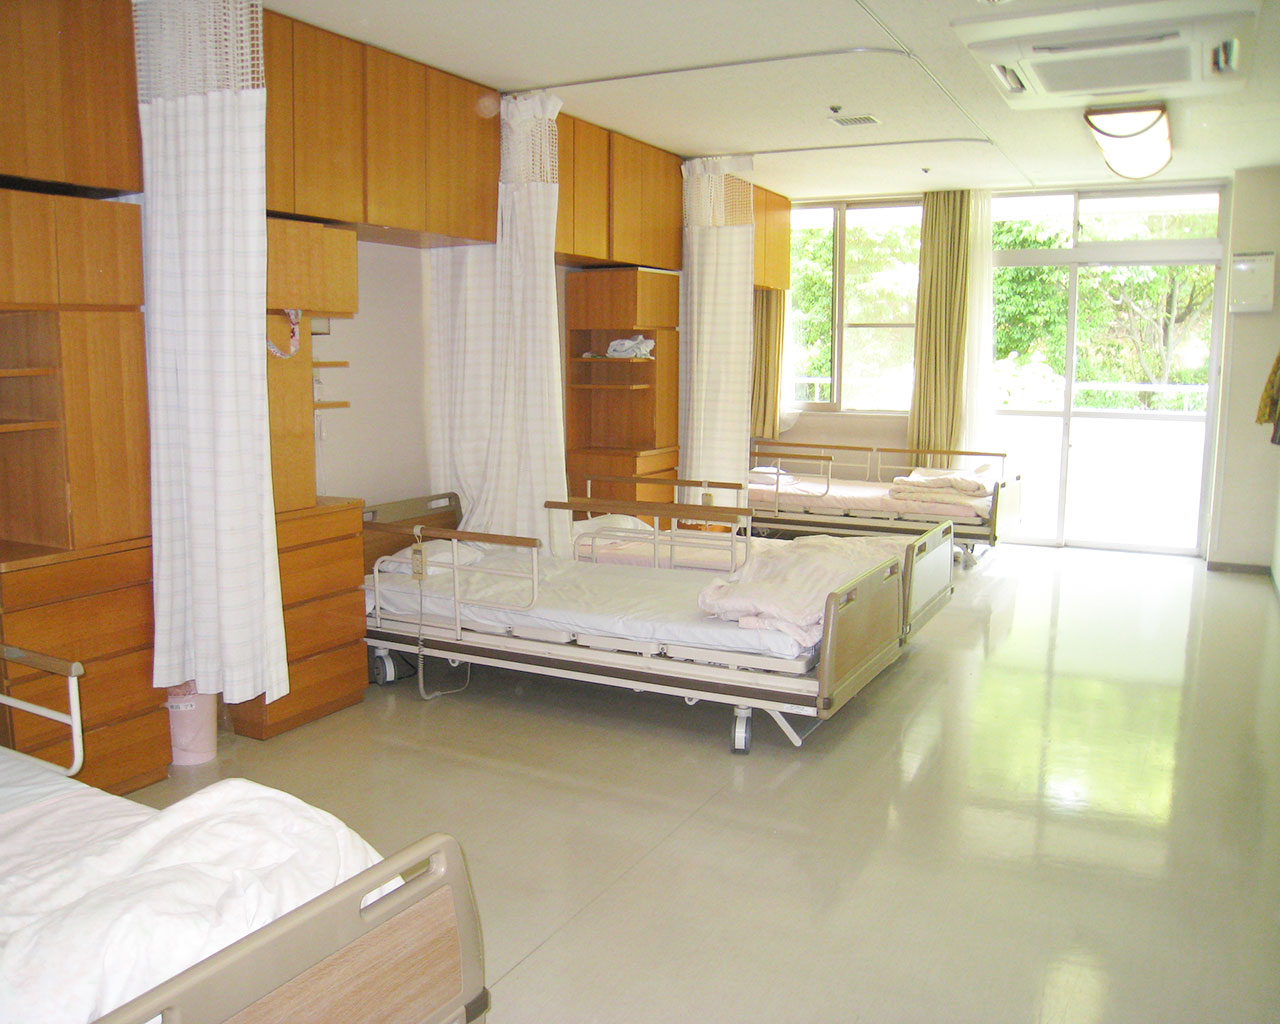 泉北園百寿荘の多床室(4人部屋)